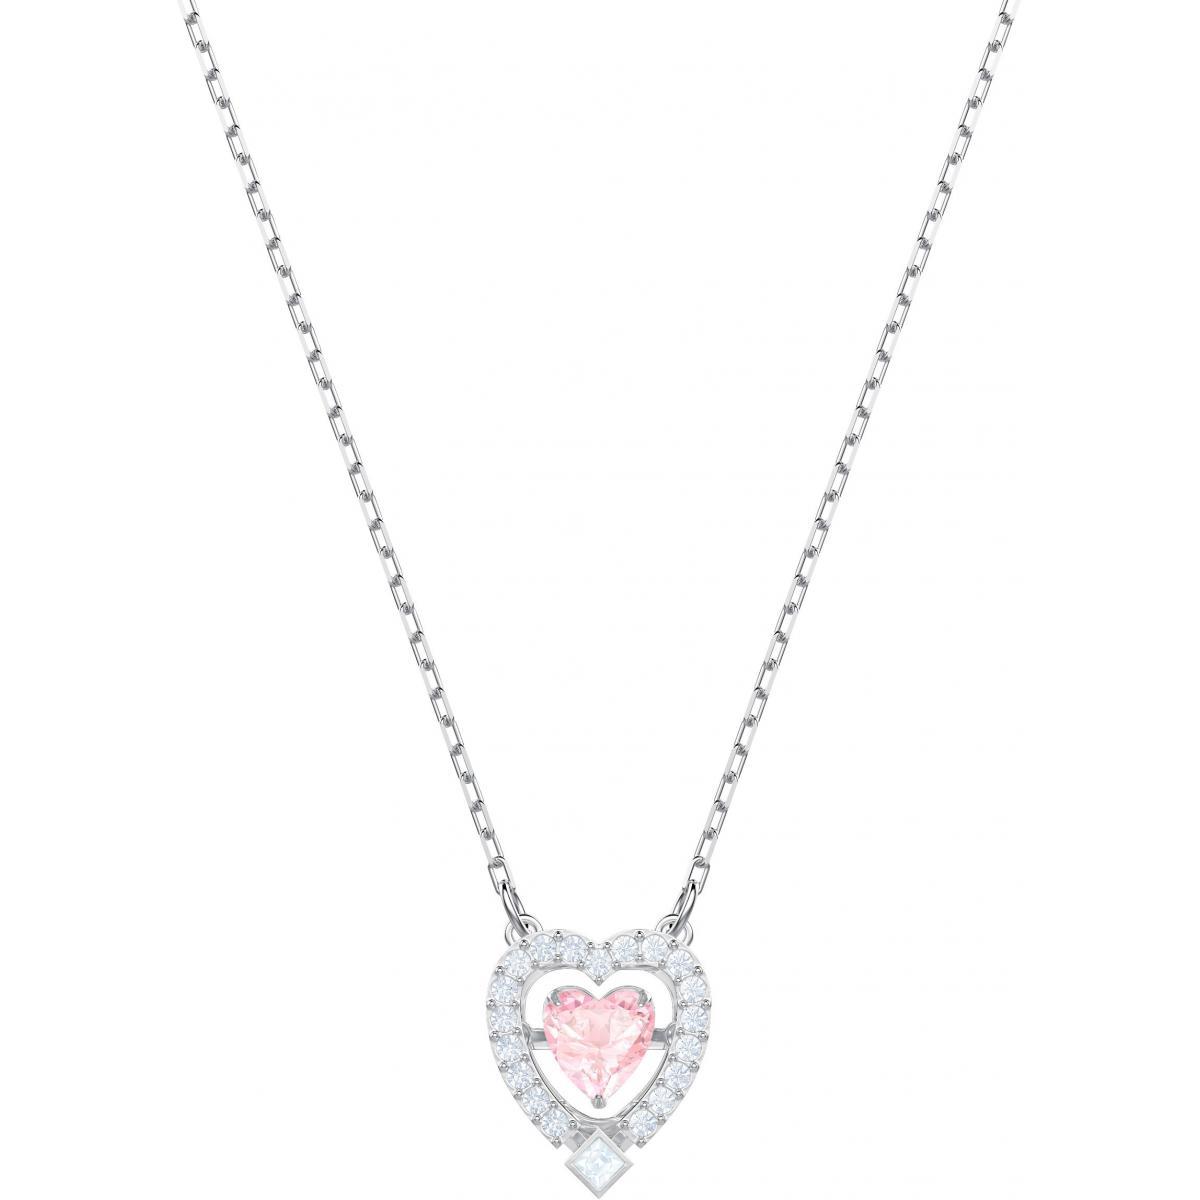 Collier et pendentif Swarovski 5465284 - Collier et pendentif Argenté Cœur  Rose Femme